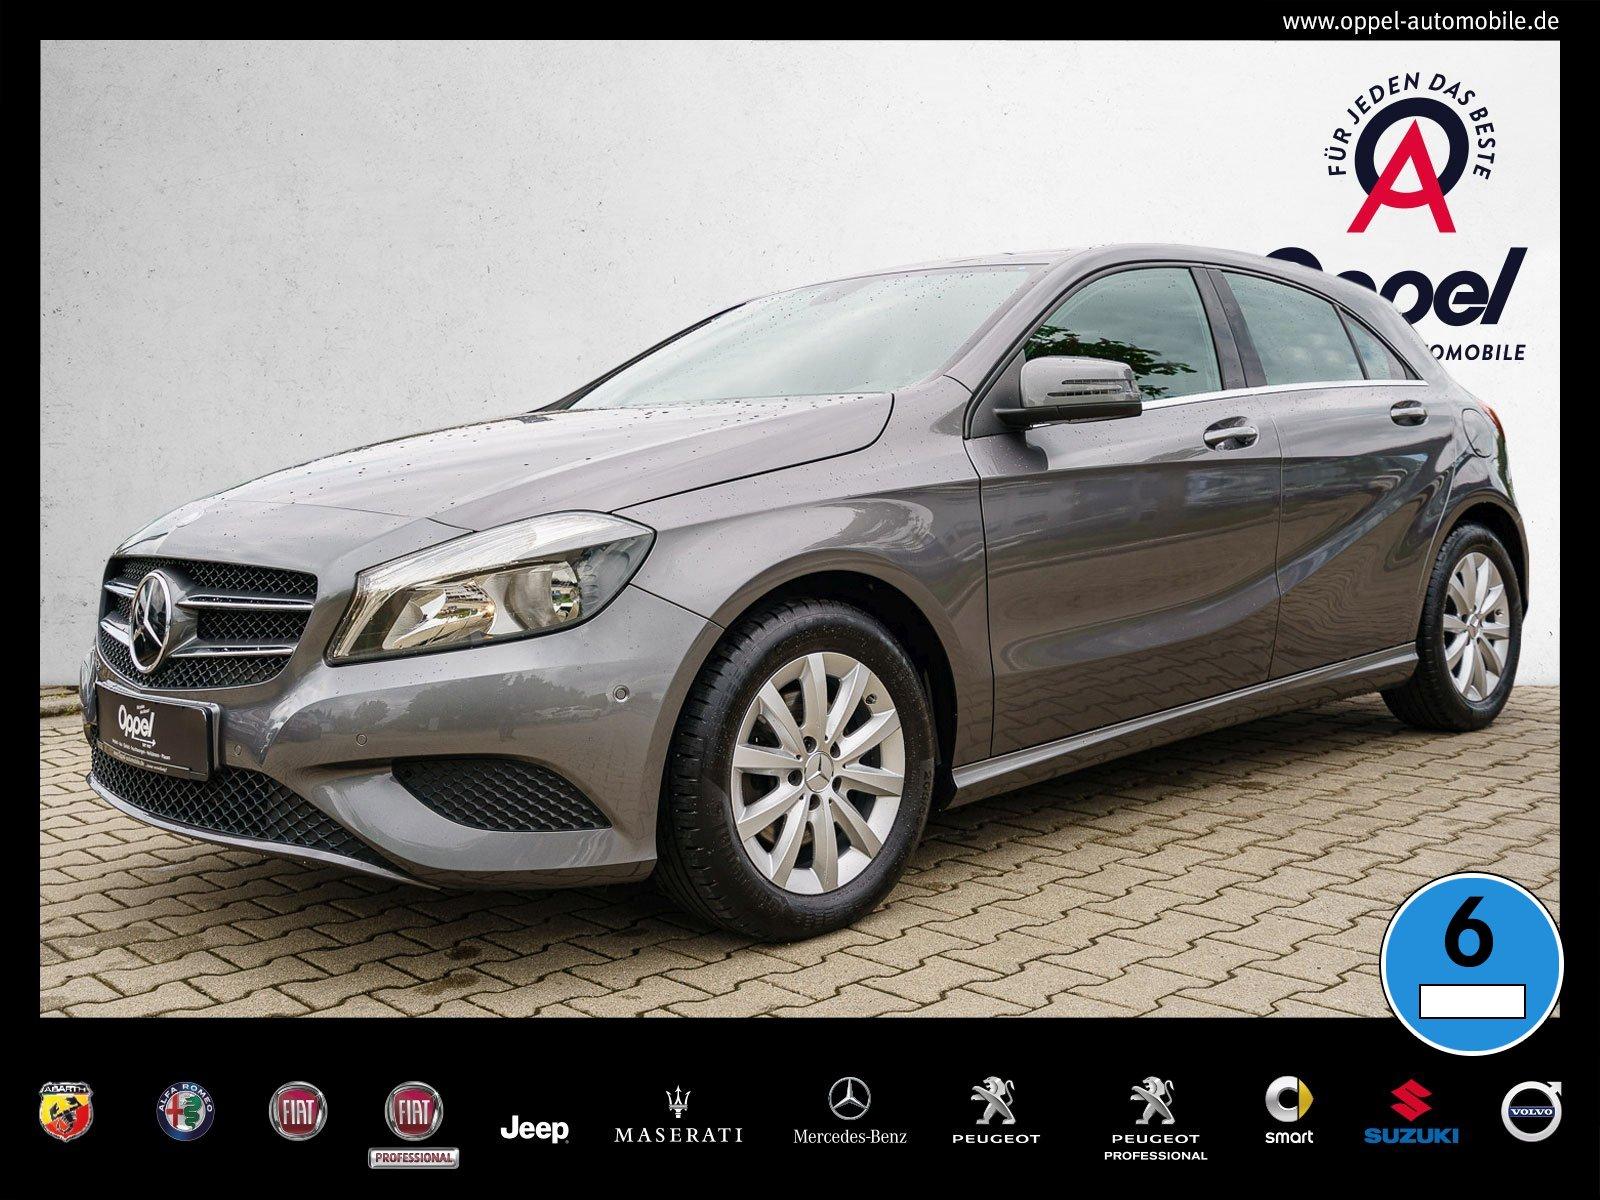 Mercedes-Benz A 180 STYLE ++PTS+KLIMA+START-STOP+SITZHEIZUNG++, Jahr 2014, Benzin